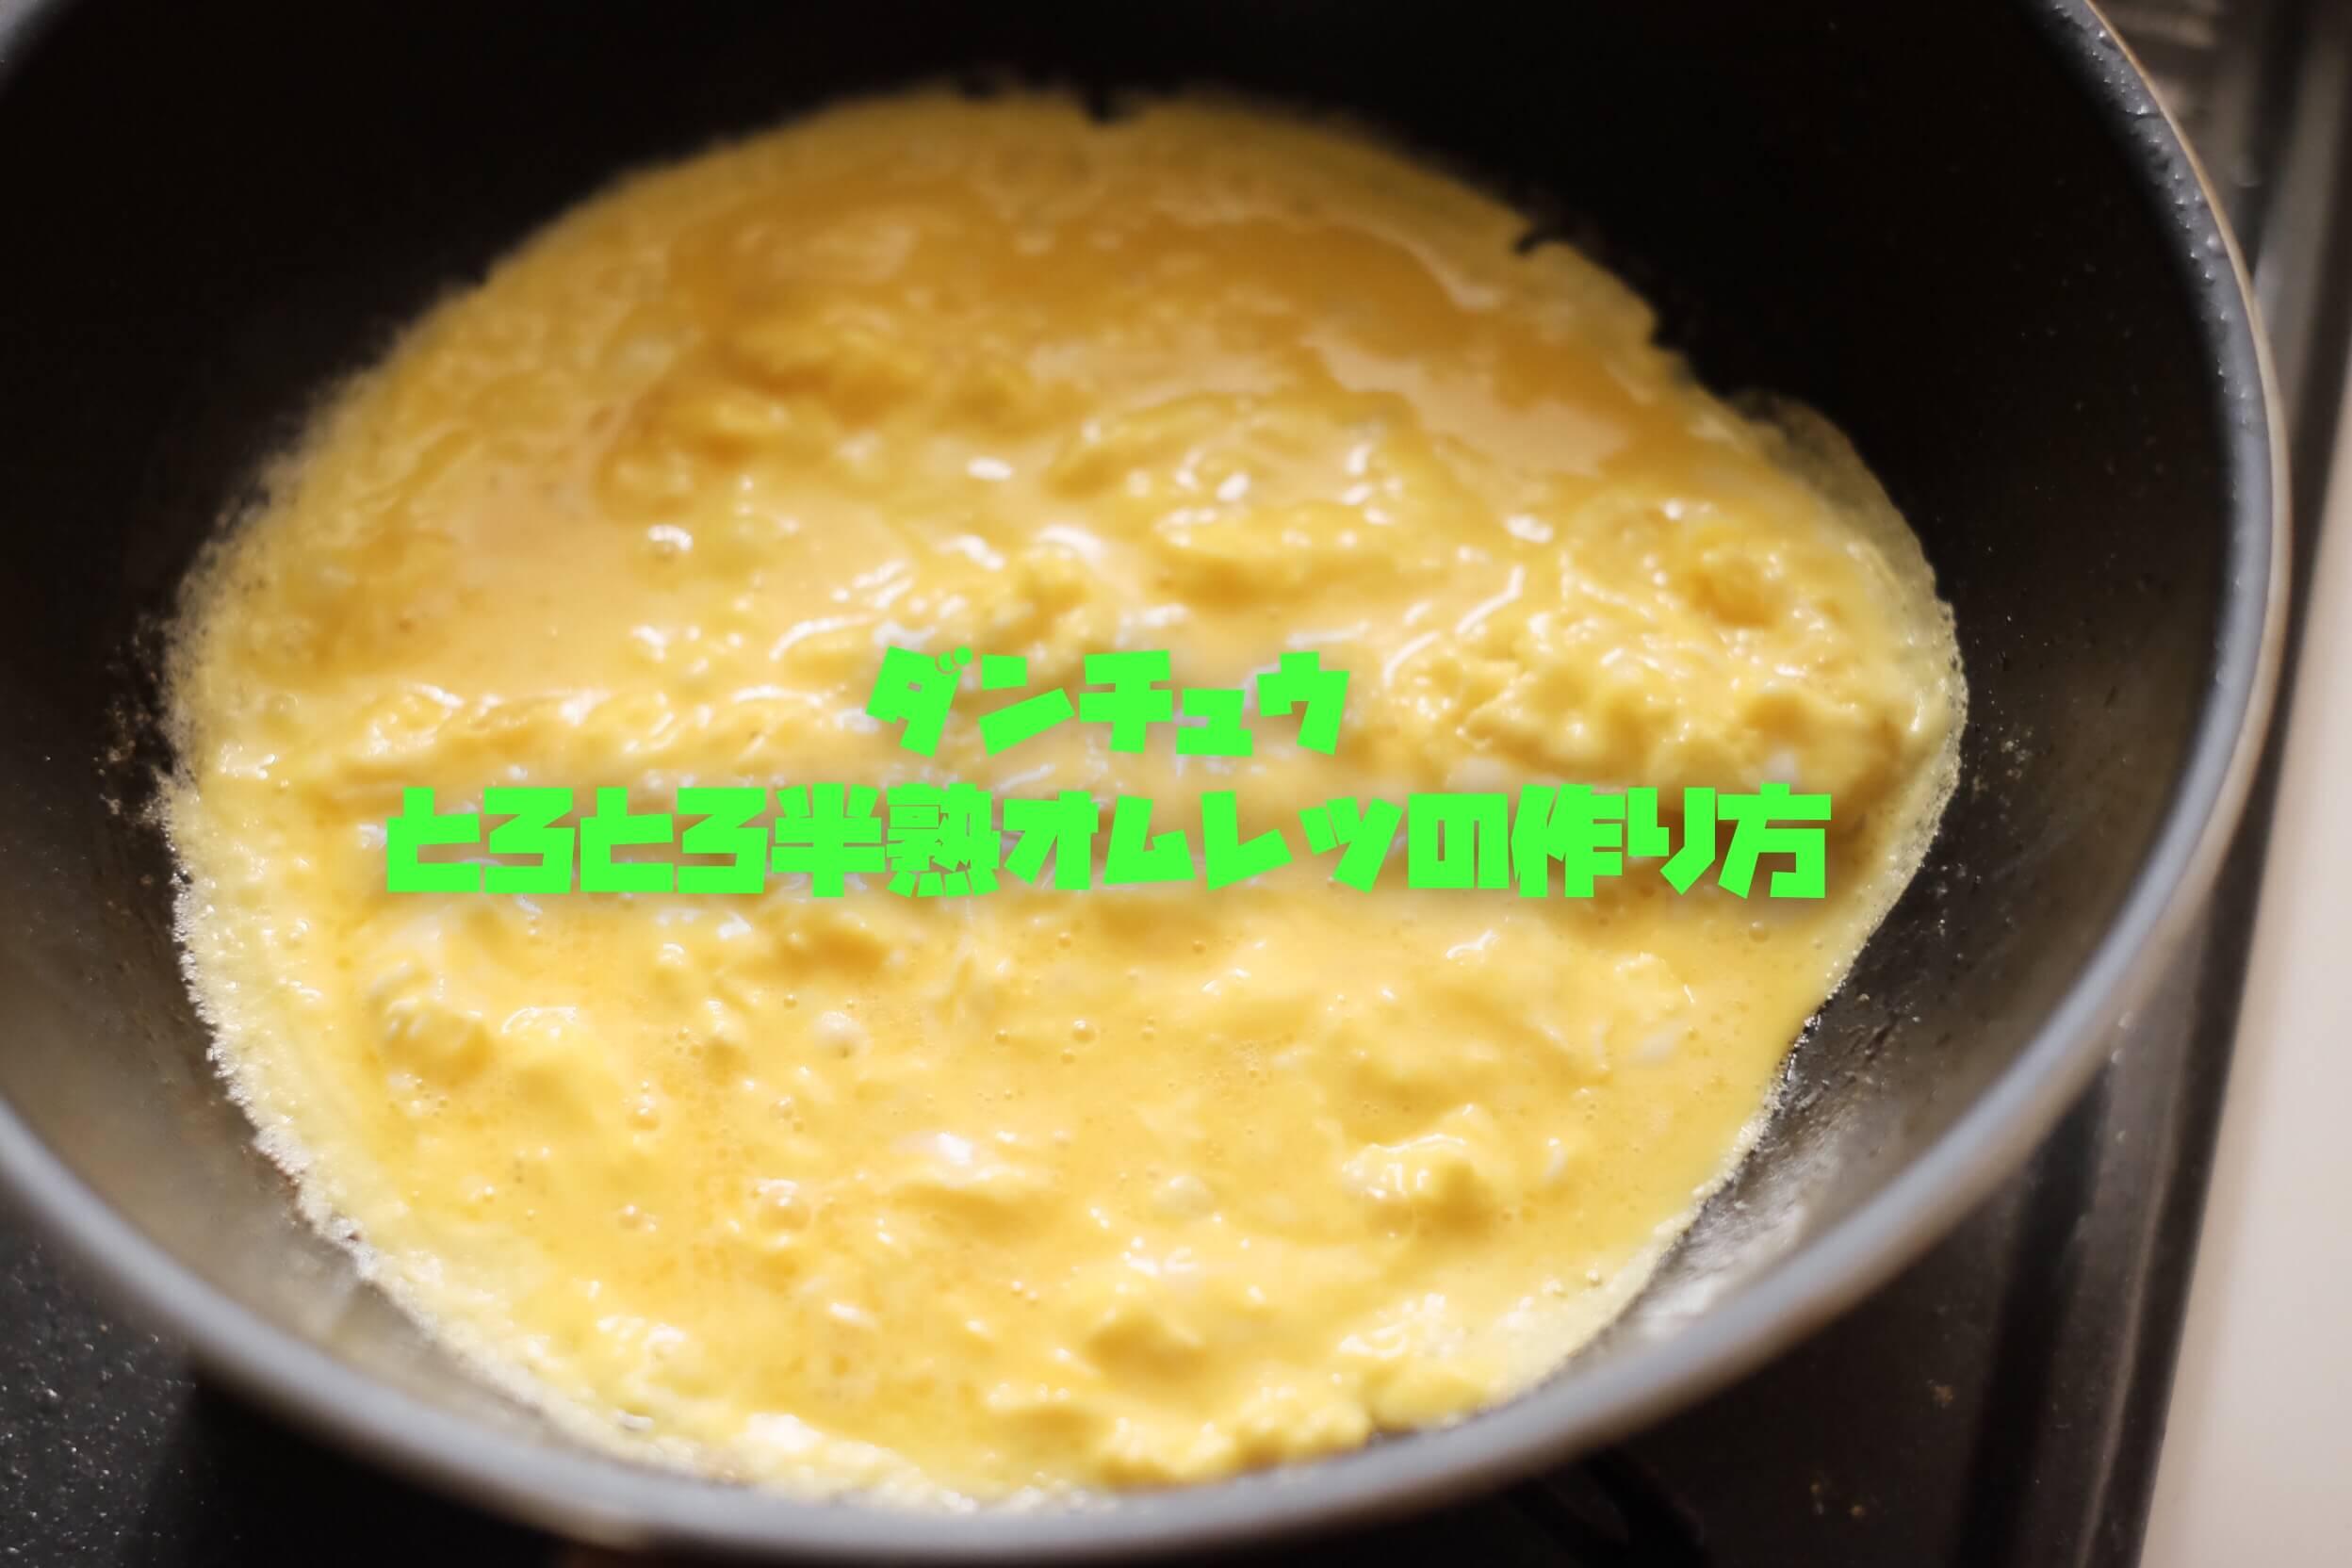 ダンチュウのとろとろ半熟オムレツ・オムライスの作り方